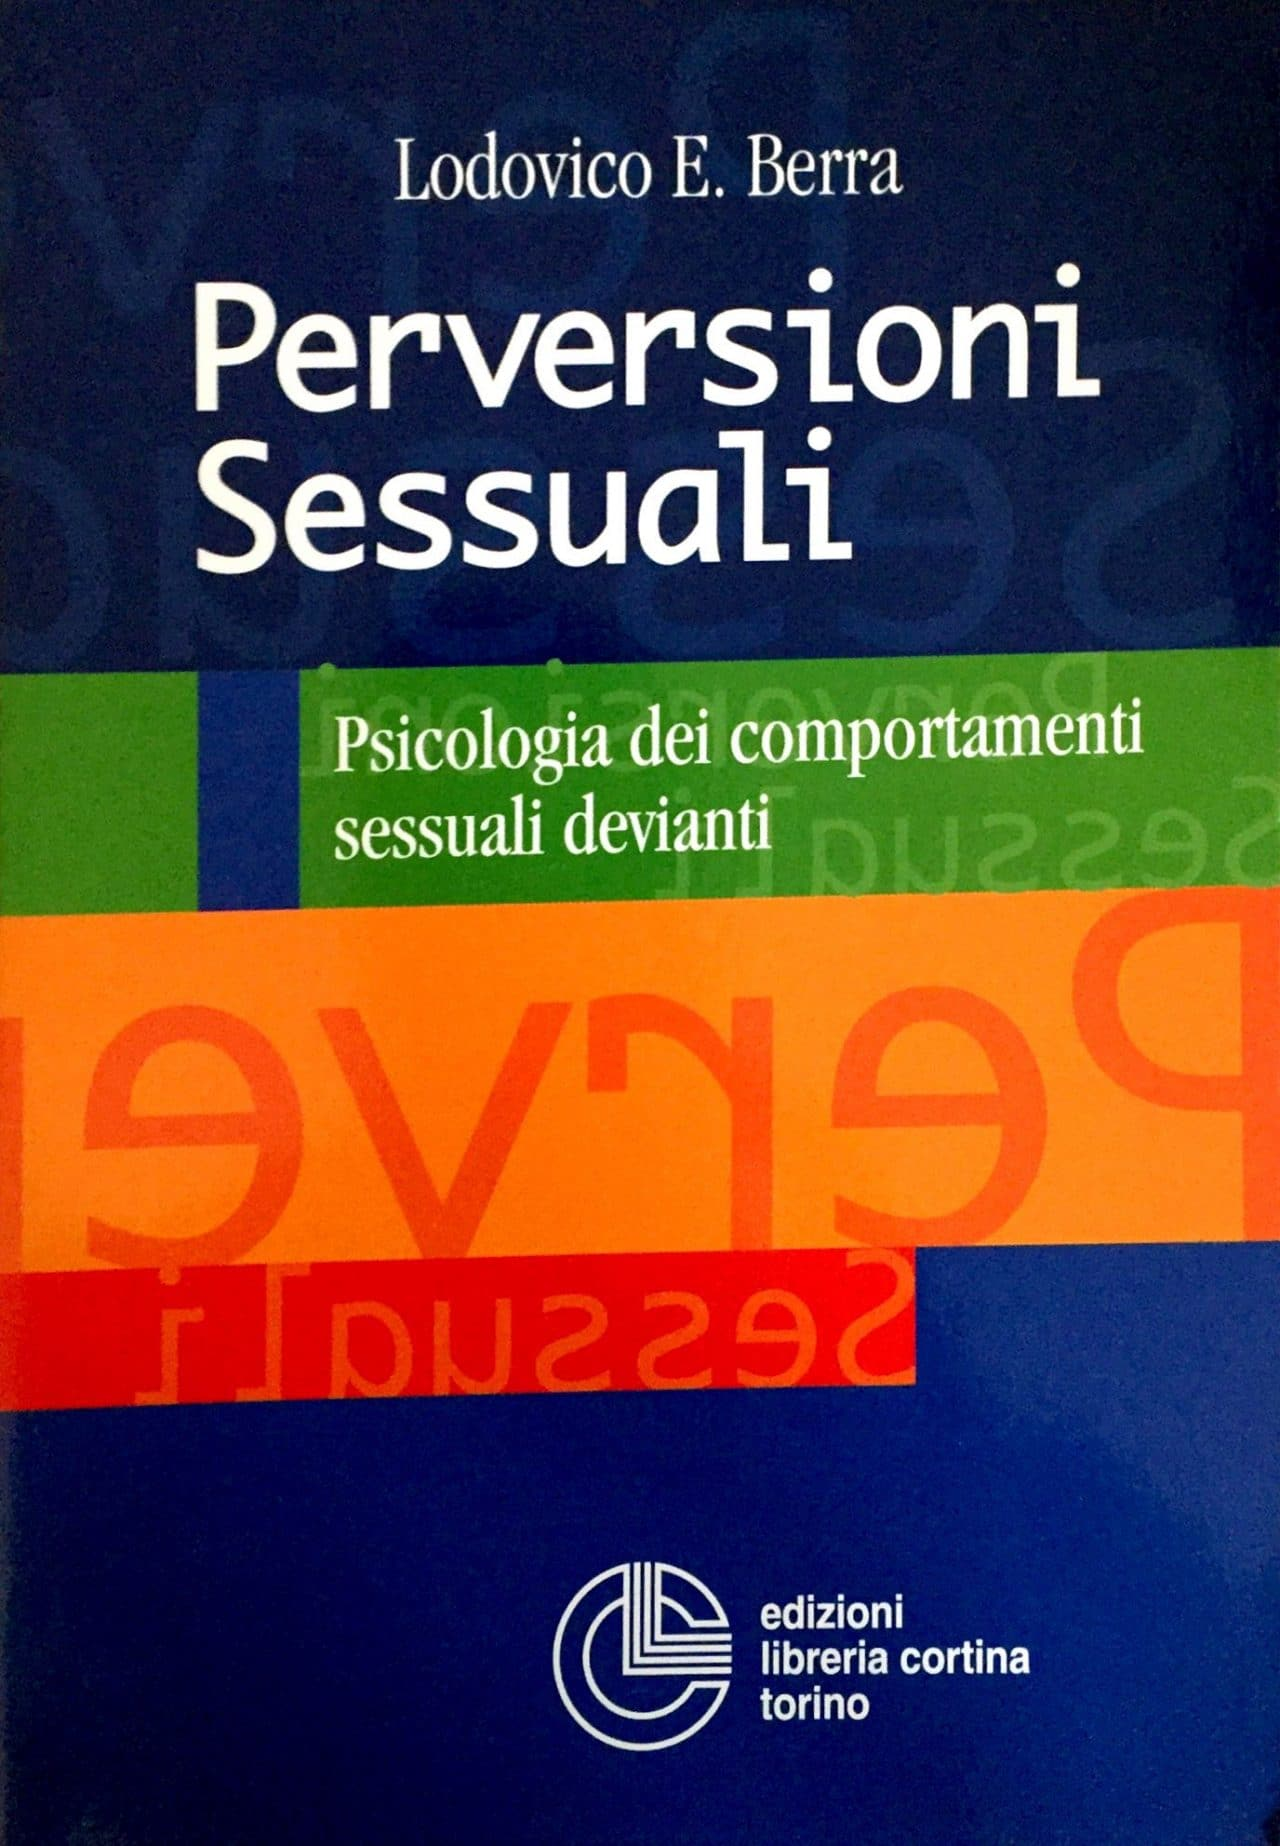 Perversioni Sessuali Psicologia Dei Comportamenti Sessuali Devianti